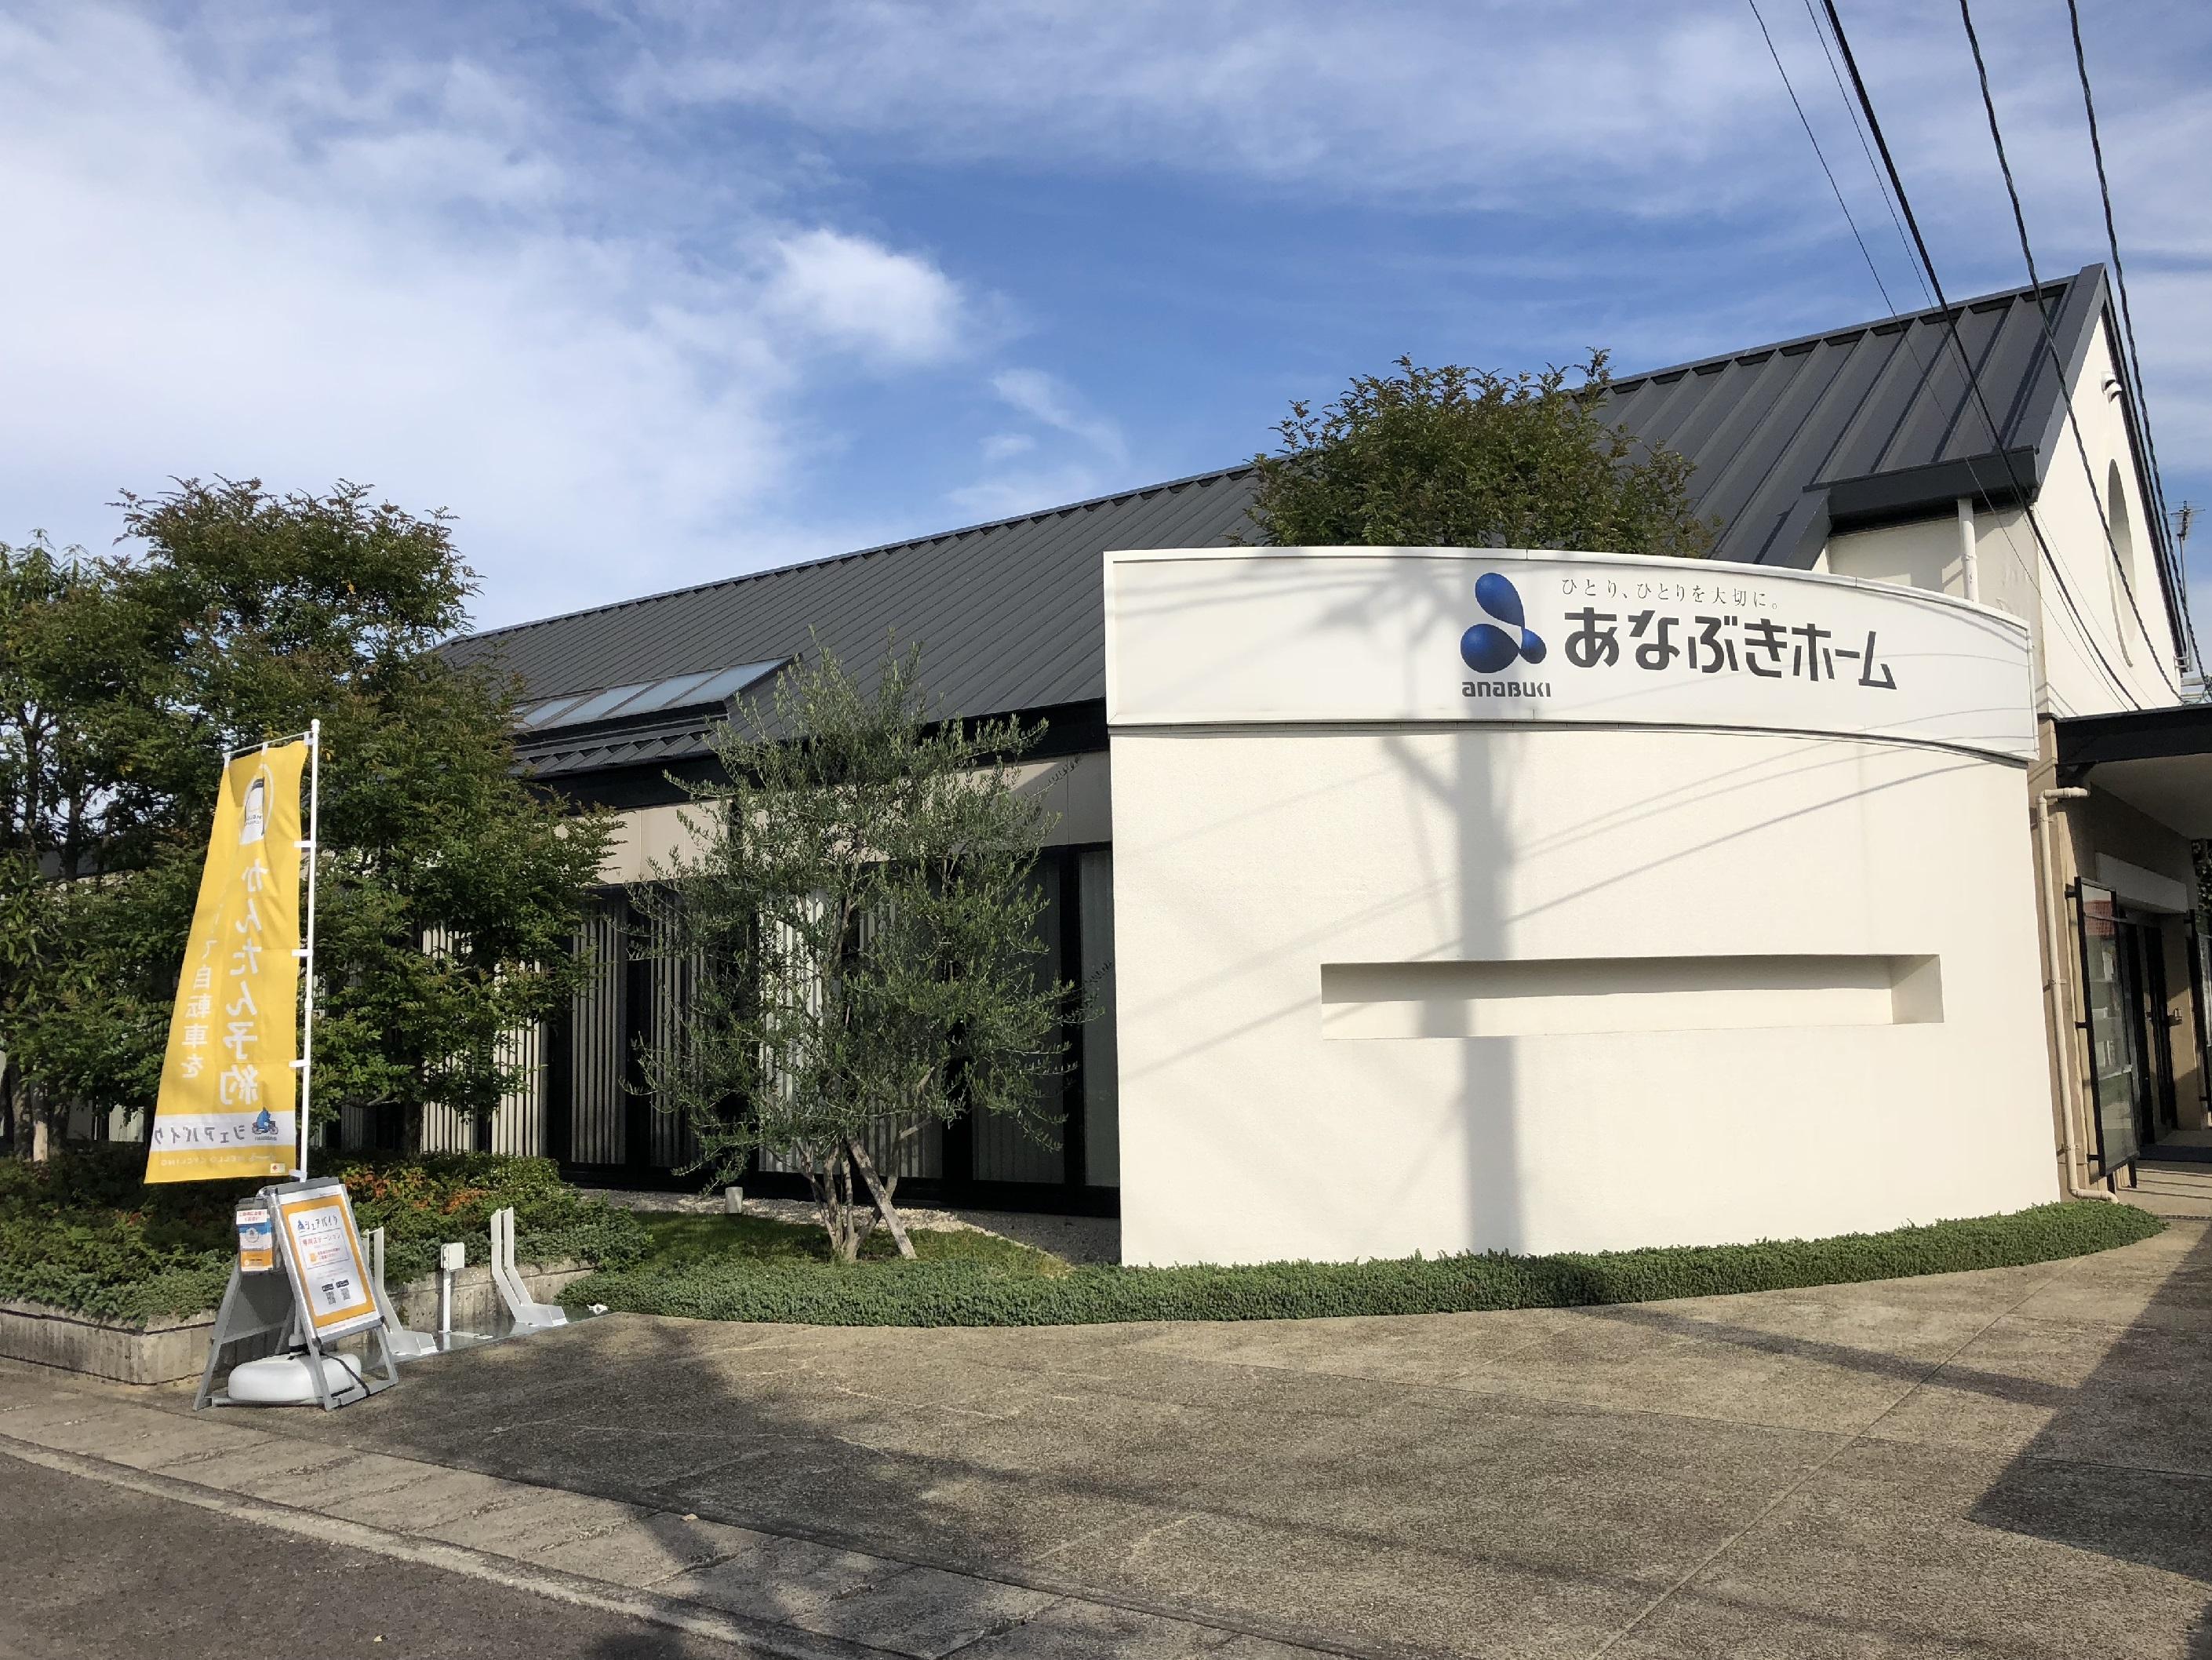 あなぶきホーム高松本社 (HELLO CYCLING ポート) image